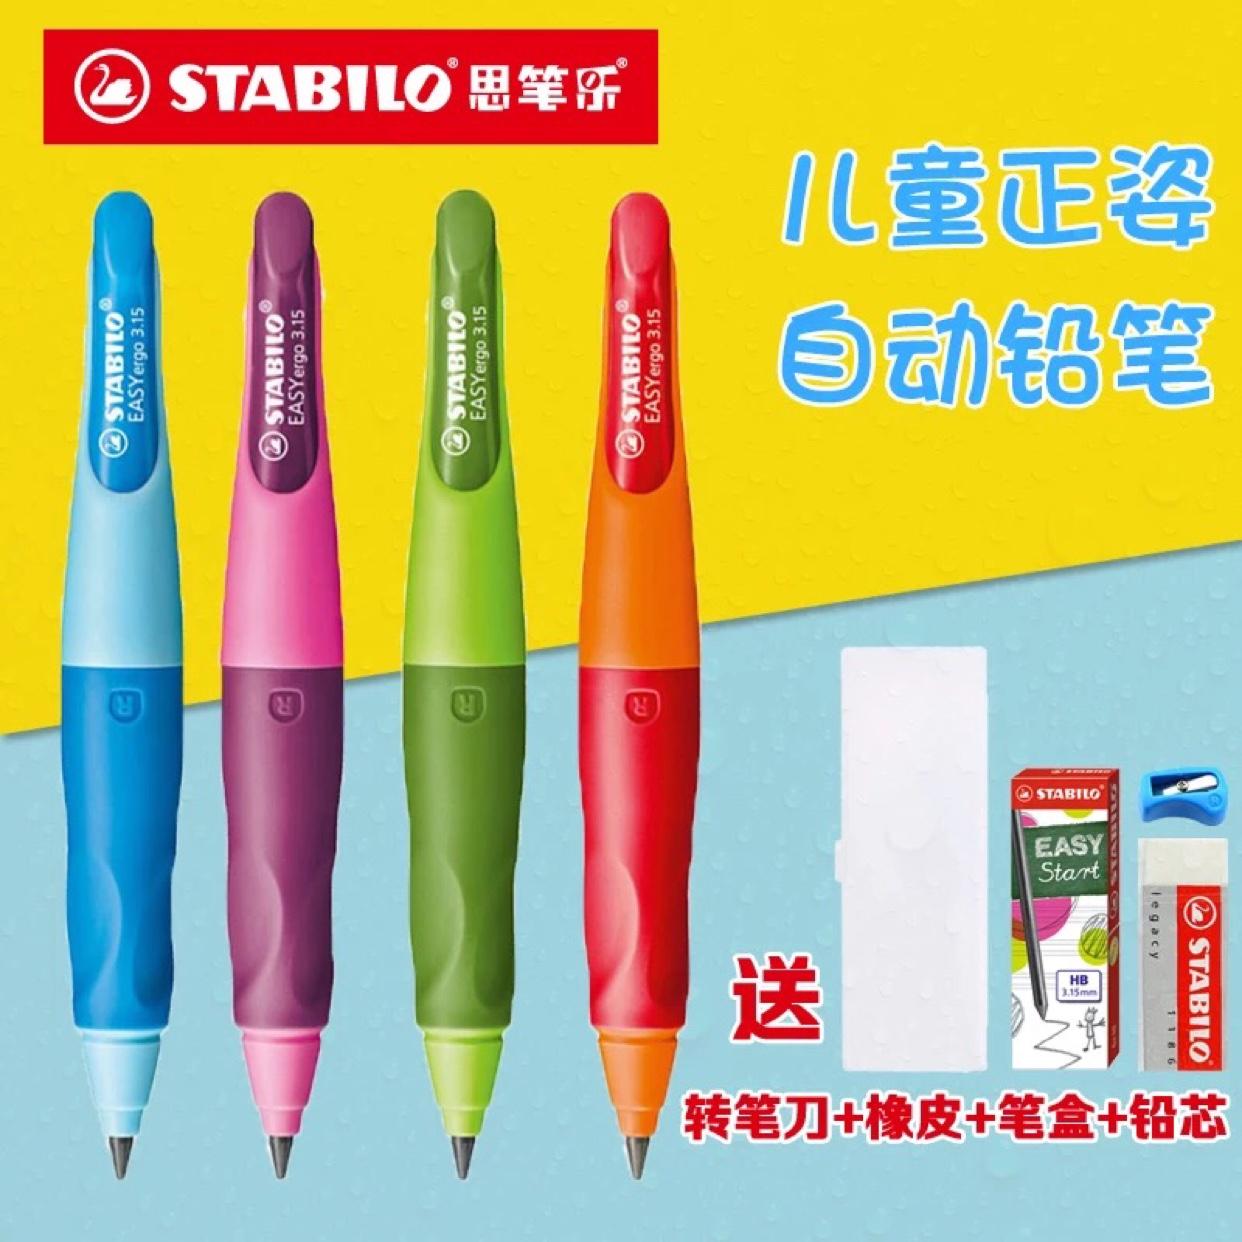 德国STABILO思笔乐儿童练习写字自动铅笔3.15mm学生活动铅笔 5岁+